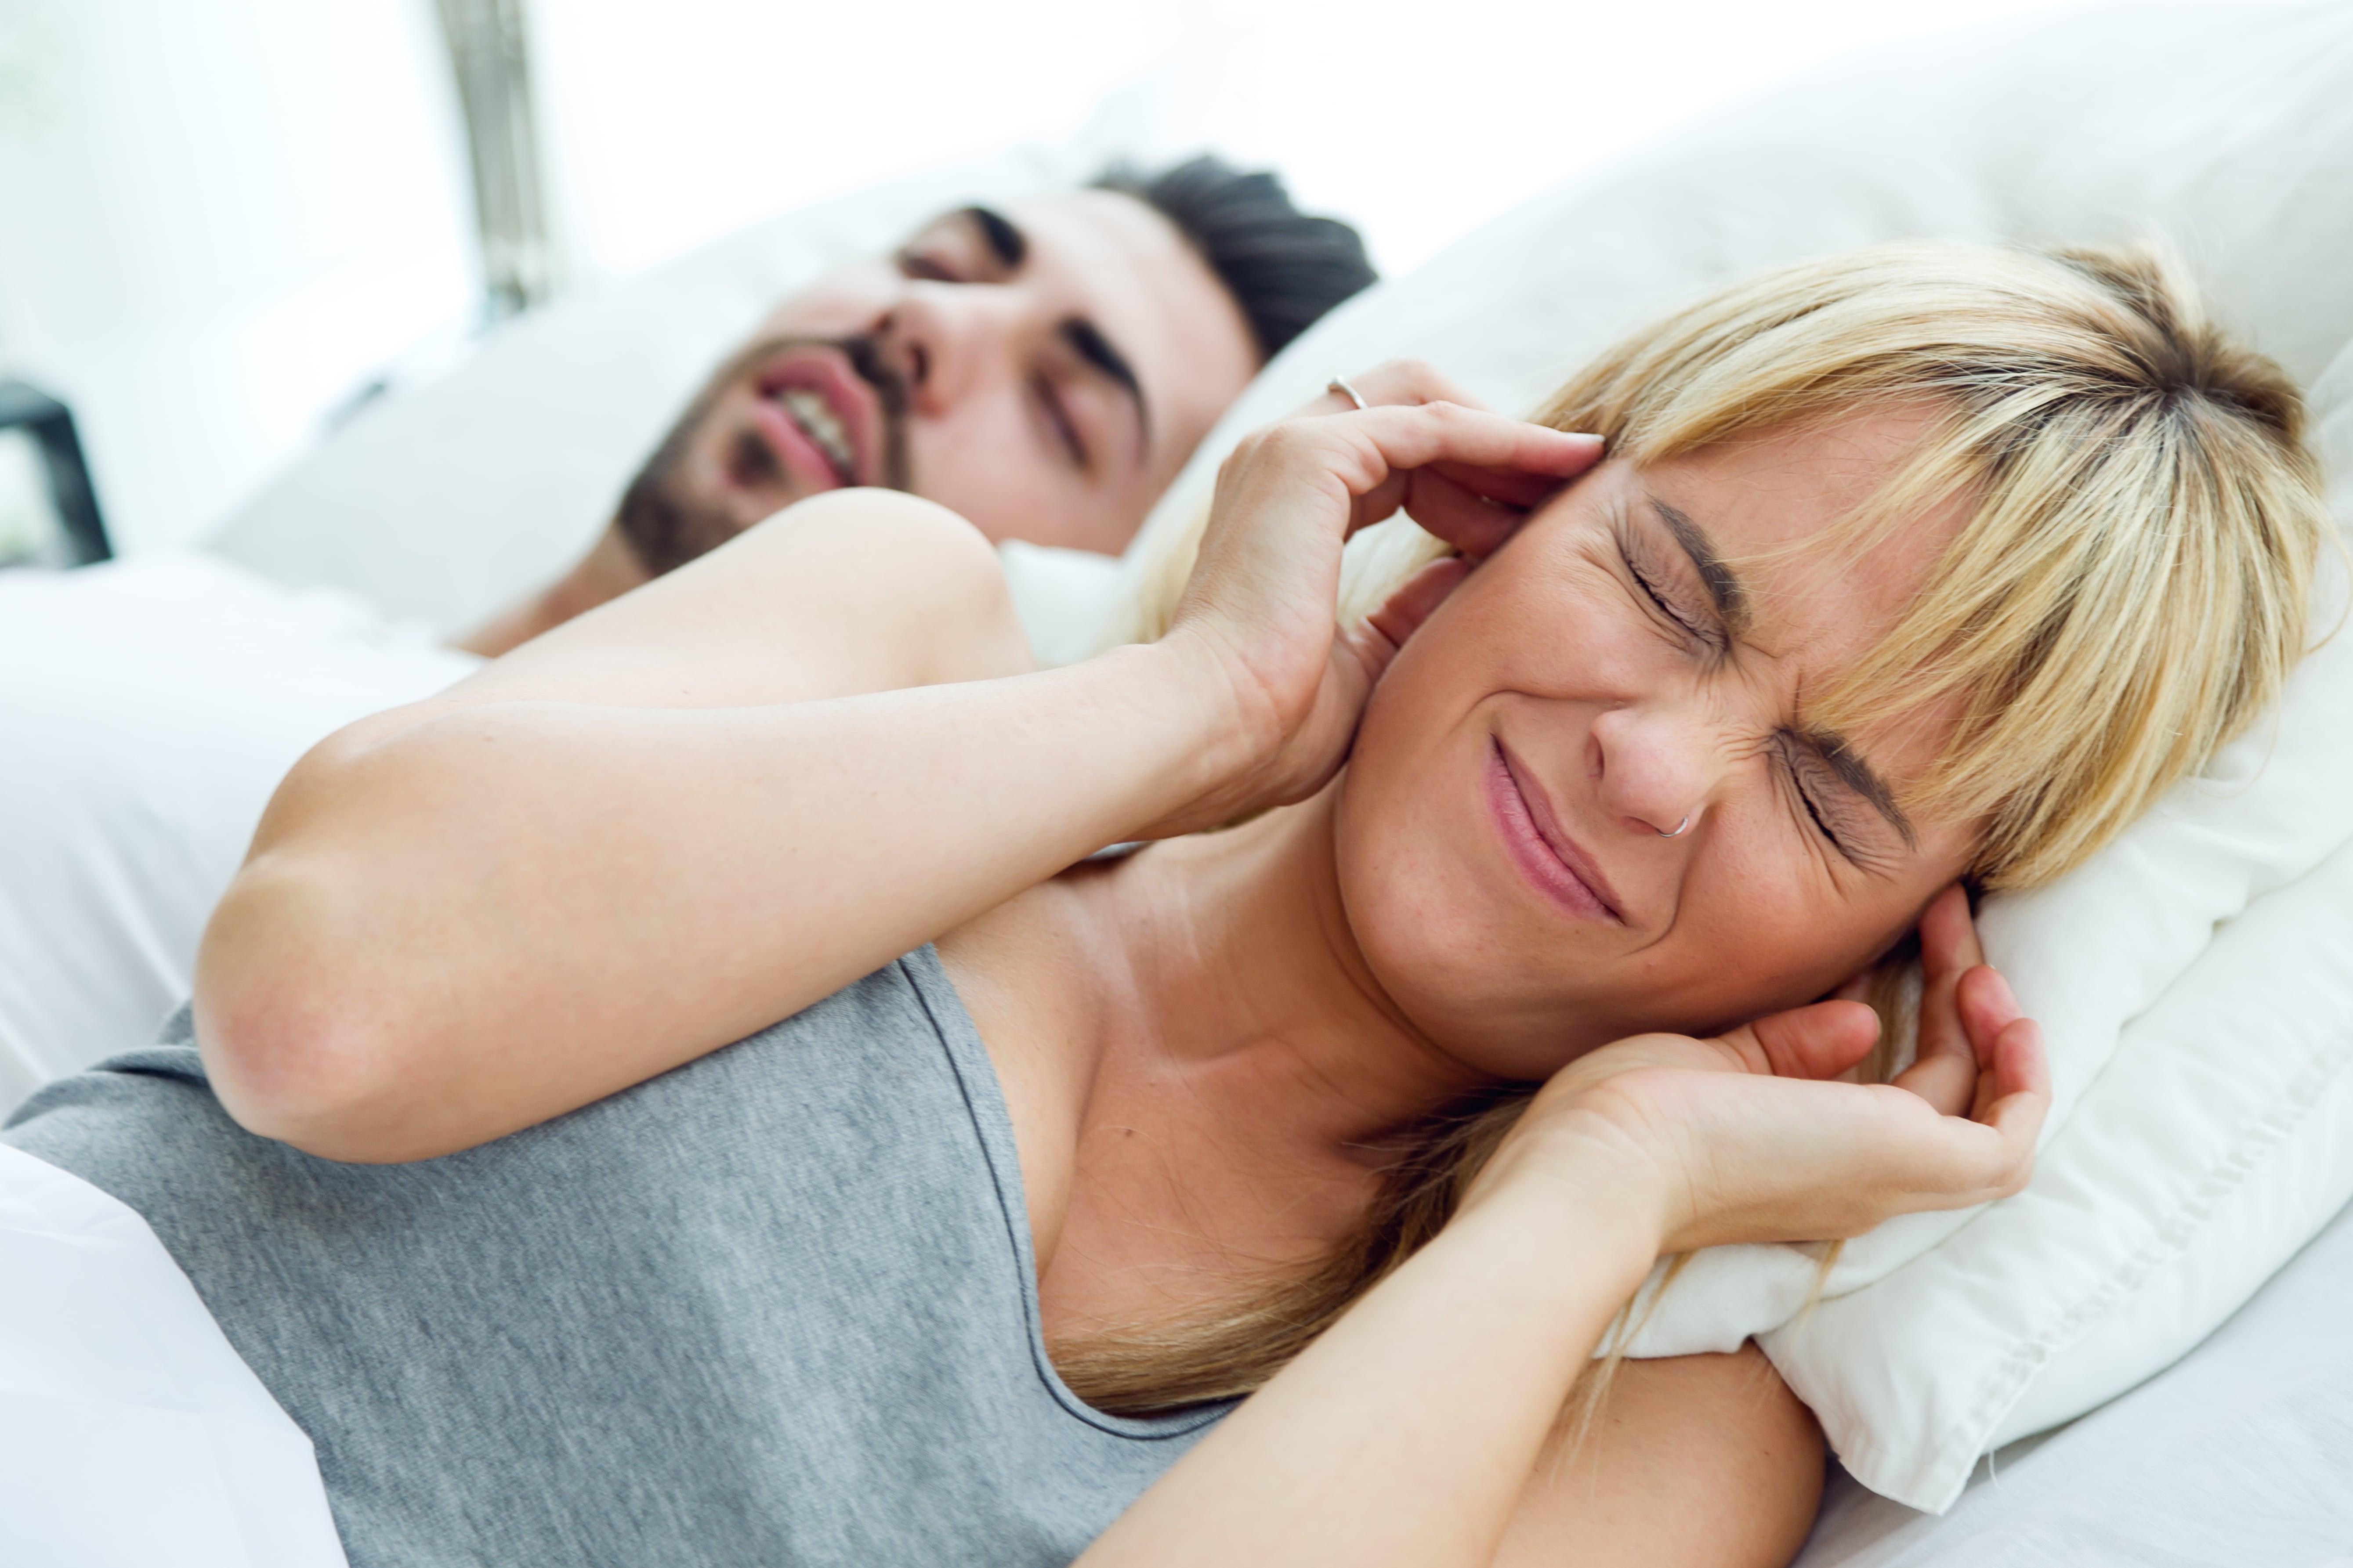 Un couple au lit, la femme se bouche les oreilles car l'homme ronfle.